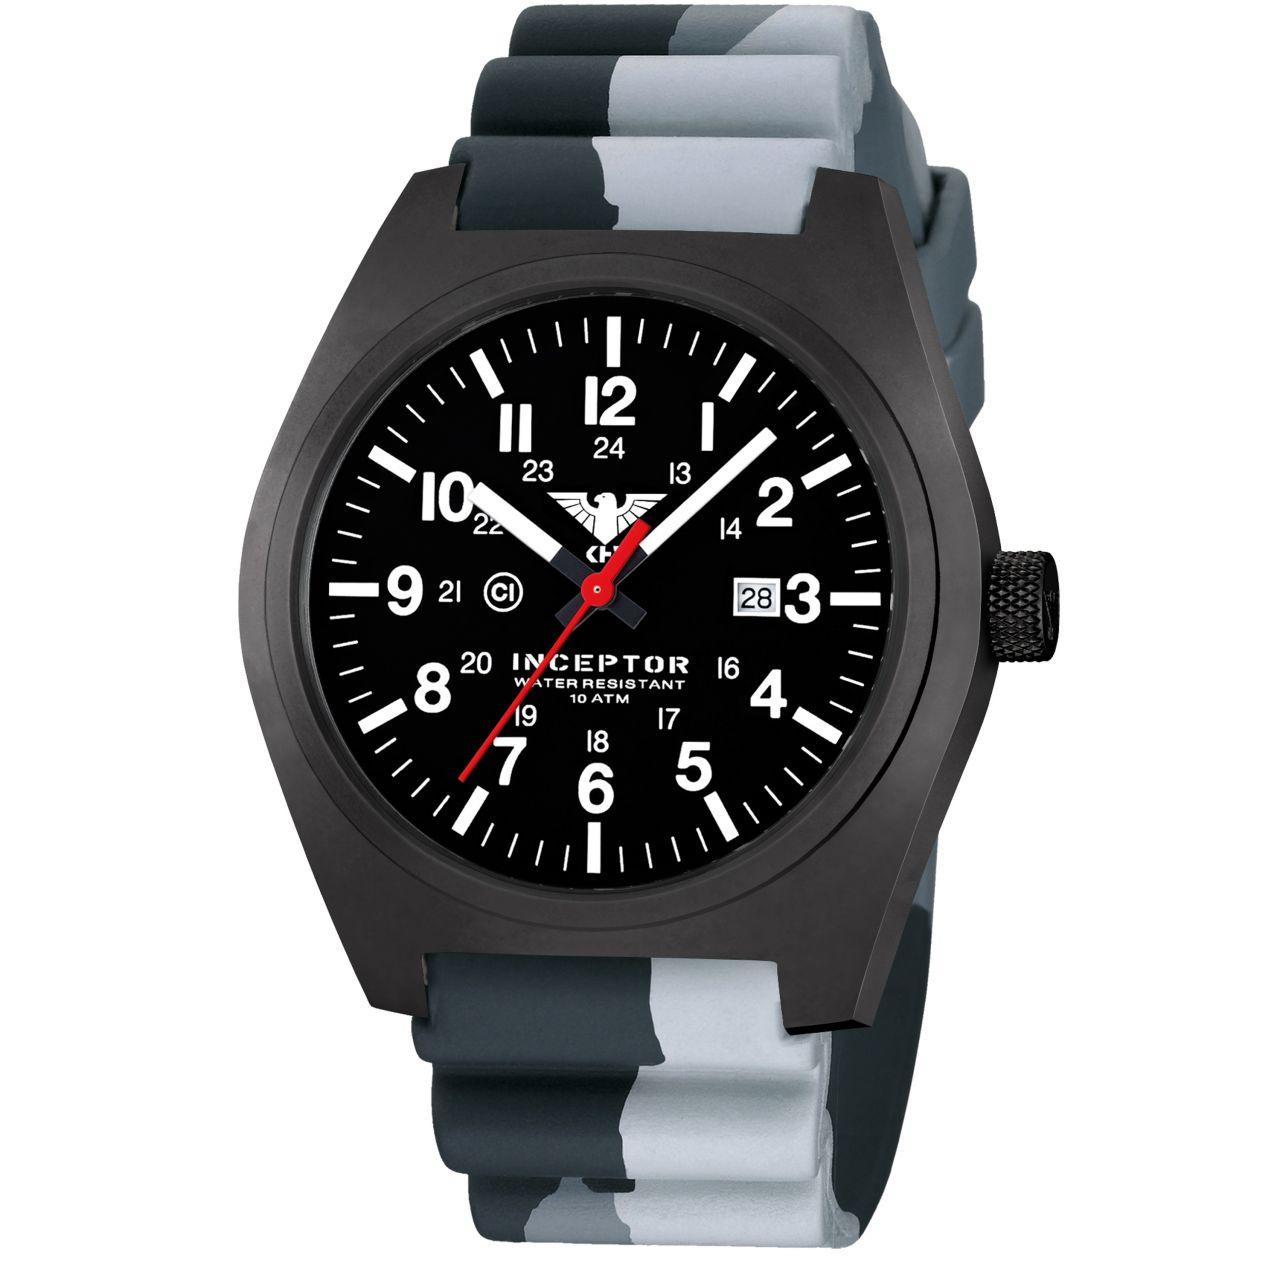 Reloj KHS Inceptor Black Steel Correa diver camo grey